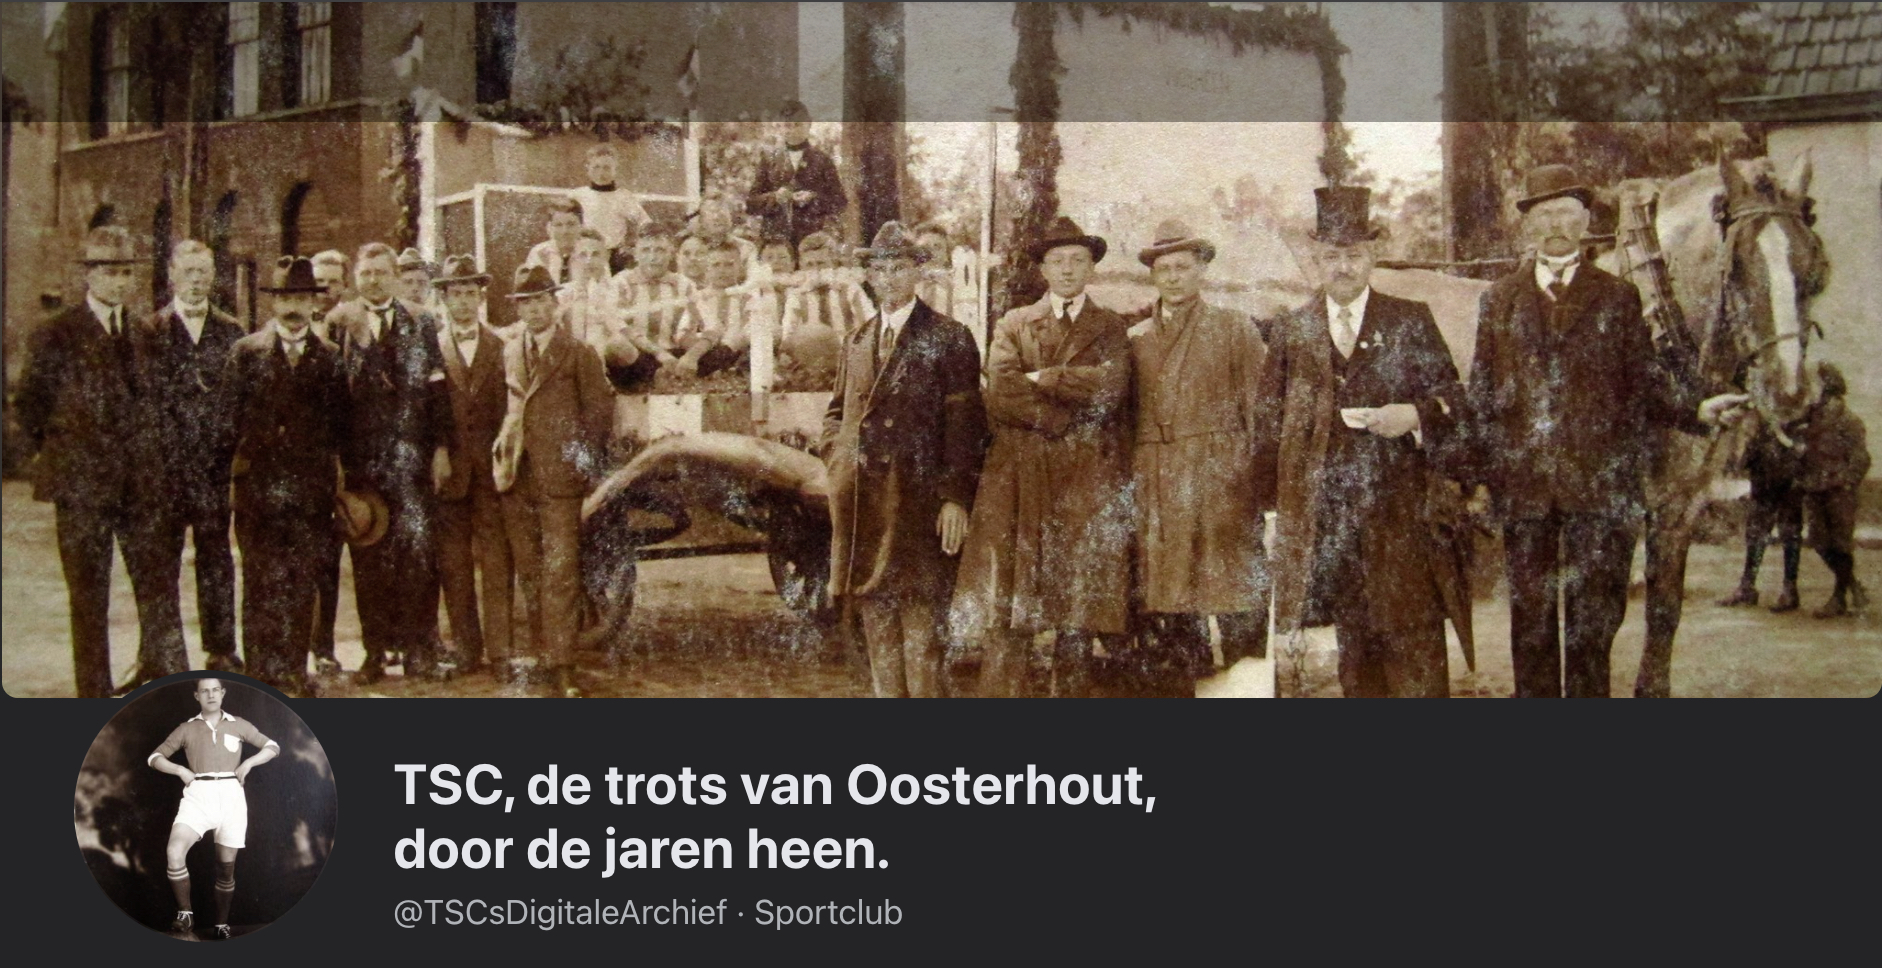 TSC, de trots van Oosterhout, door de jaren heen